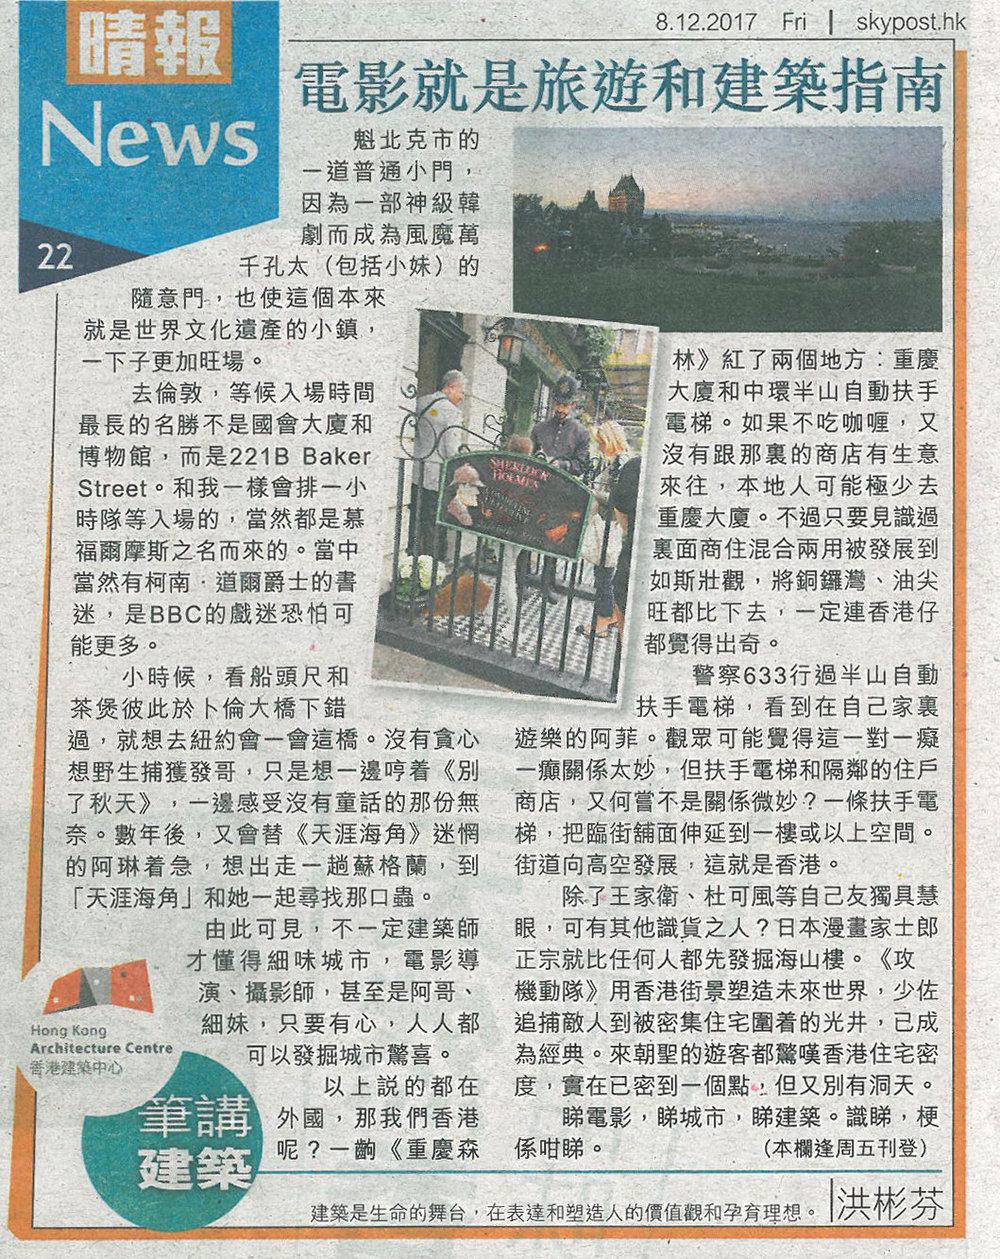 Skypost_171208_洪彬芬_電影就是旅遊和建築指南.jpg